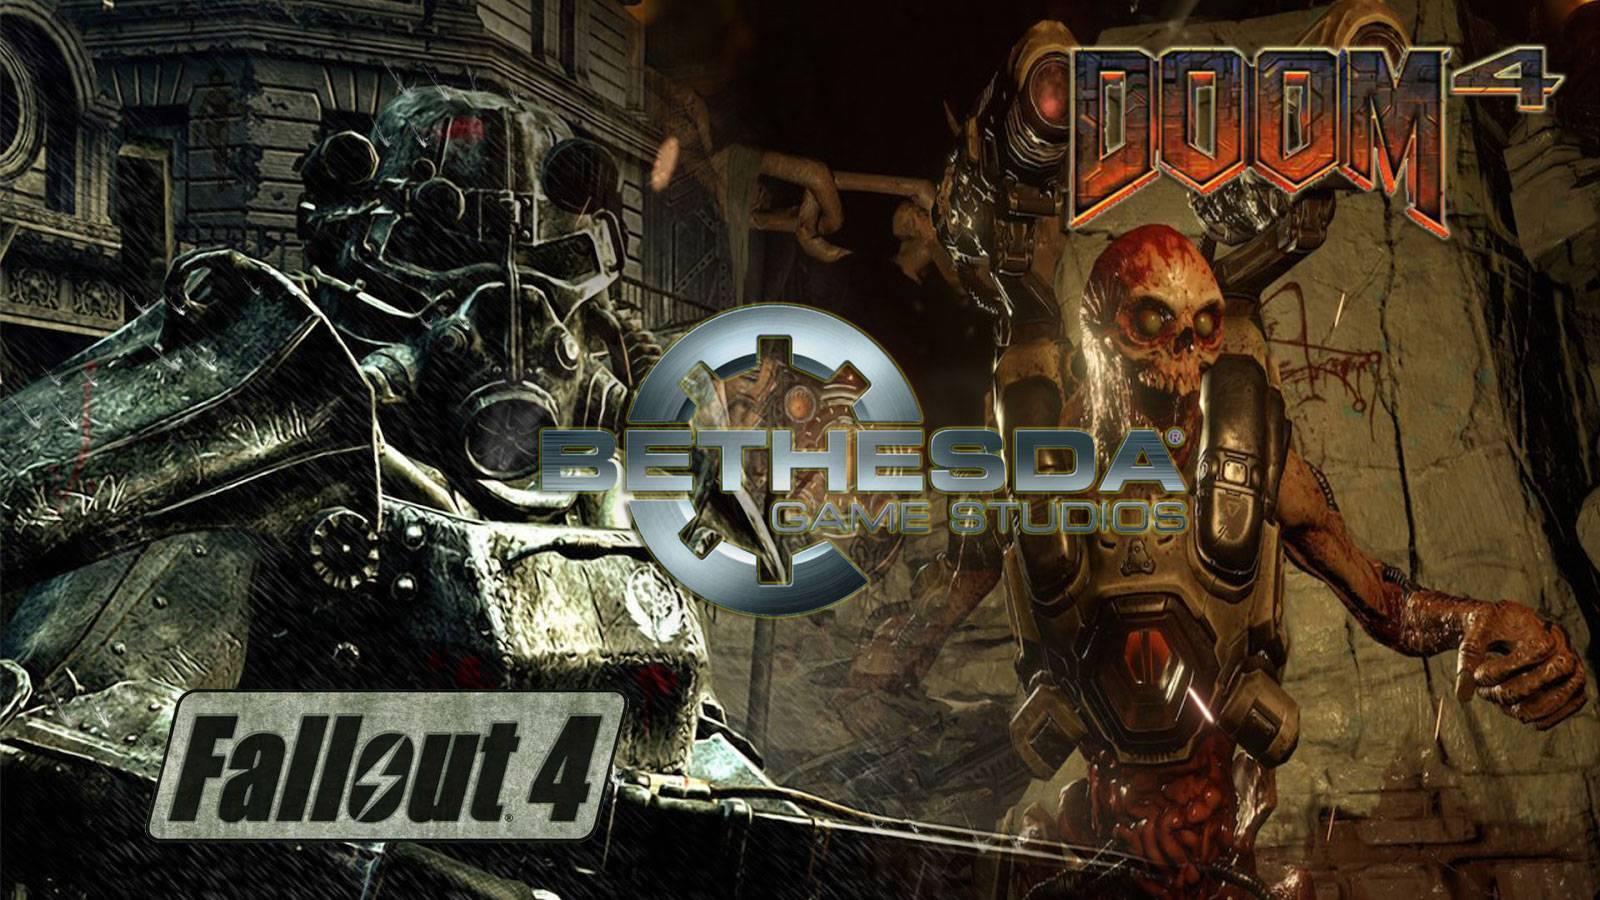 doom4_fallout4_2015